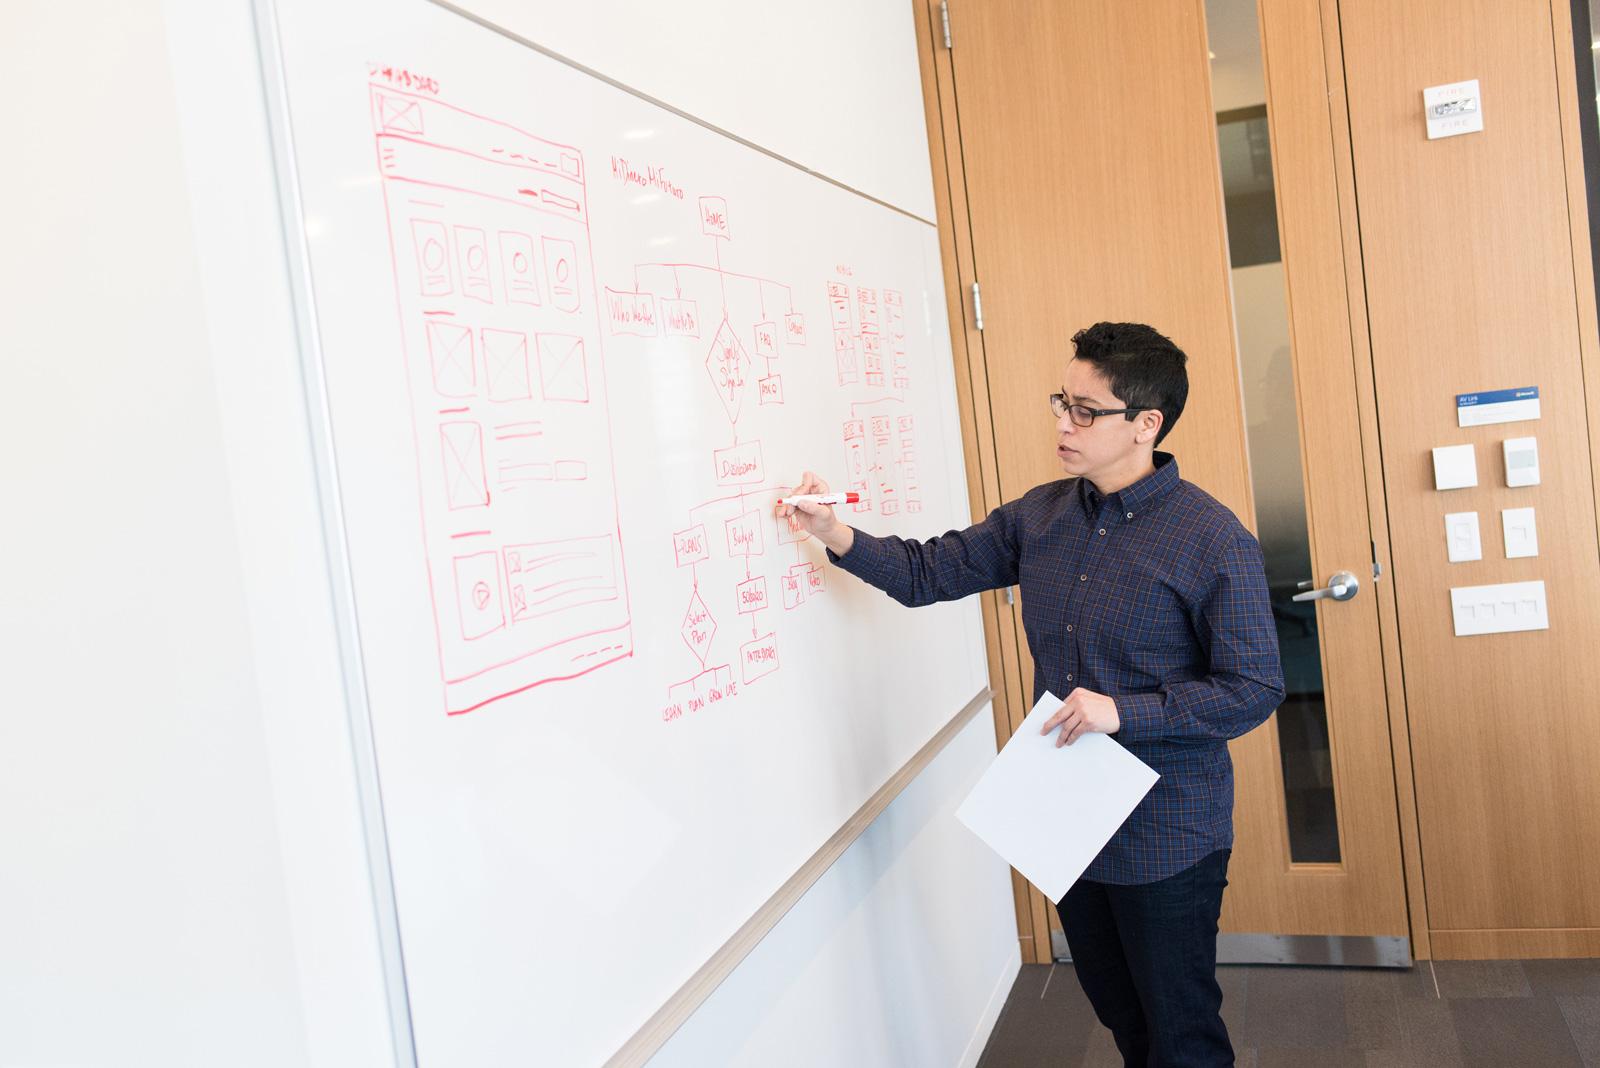 Geeignete Studienfächer: Wirtschaftswissenschaften, Wirtschaftsinformatik oder Informatik